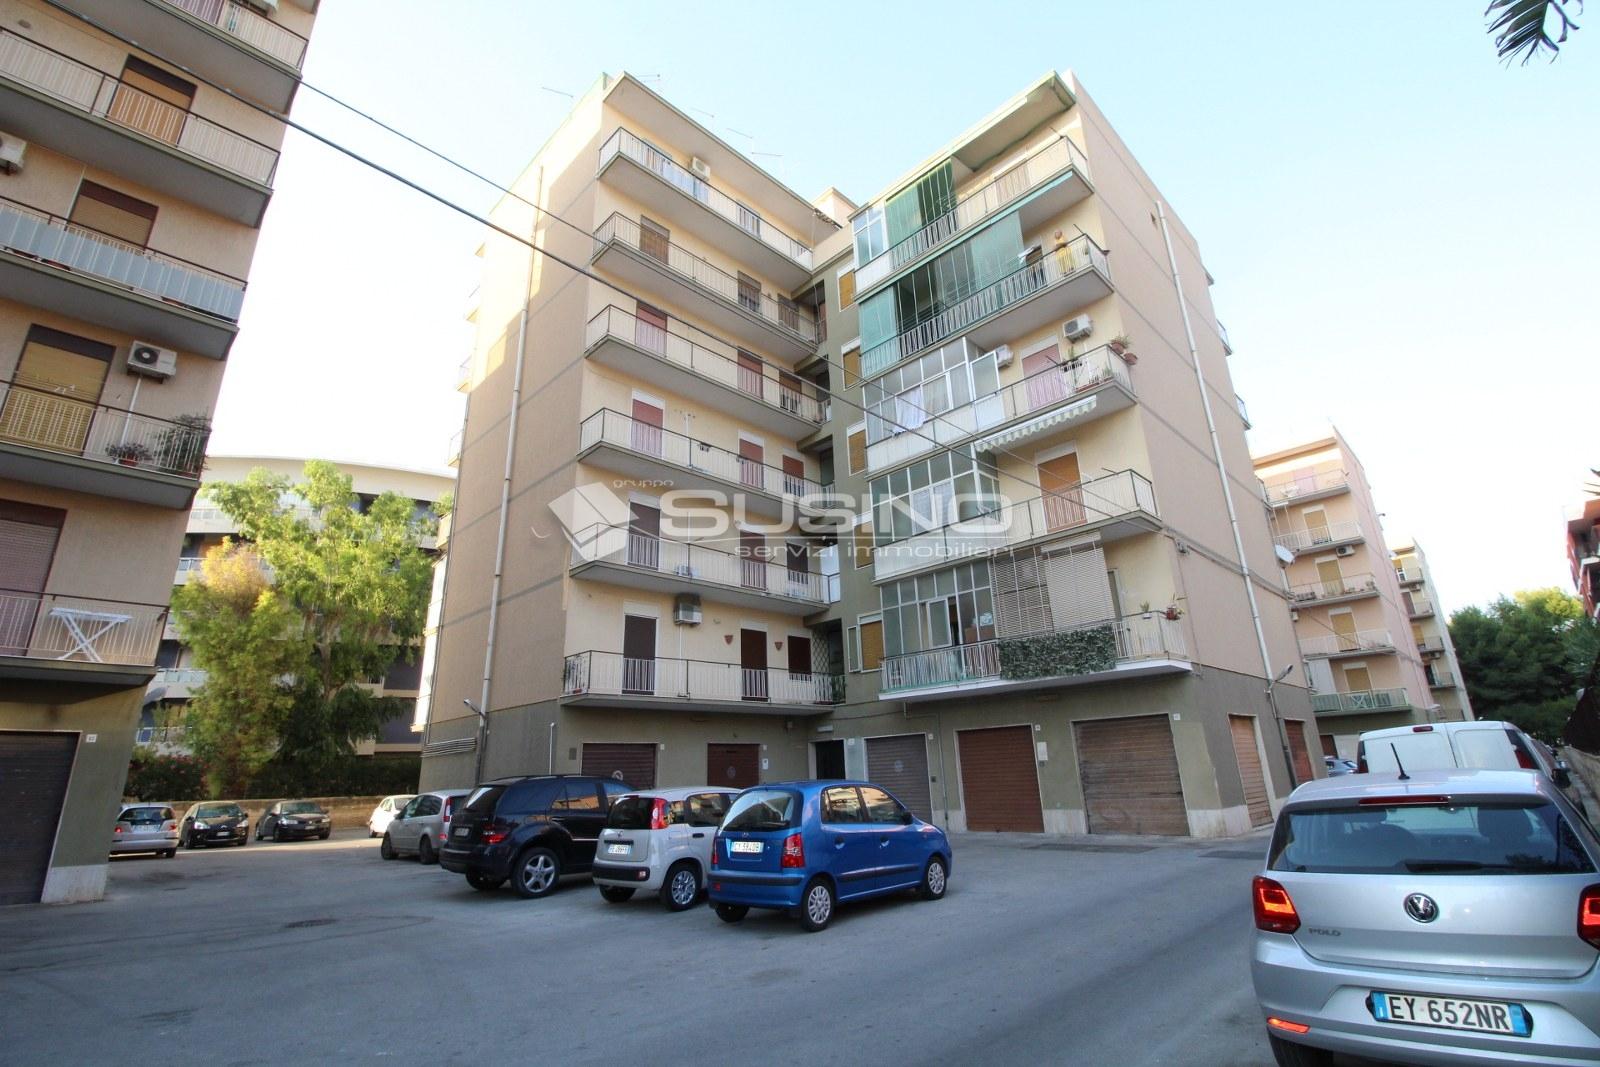 Attico / Mansarda in vendita a Siracusa, 5 locali, zona Località: ScalaGreca, prezzo € 185.000   CambioCasa.it